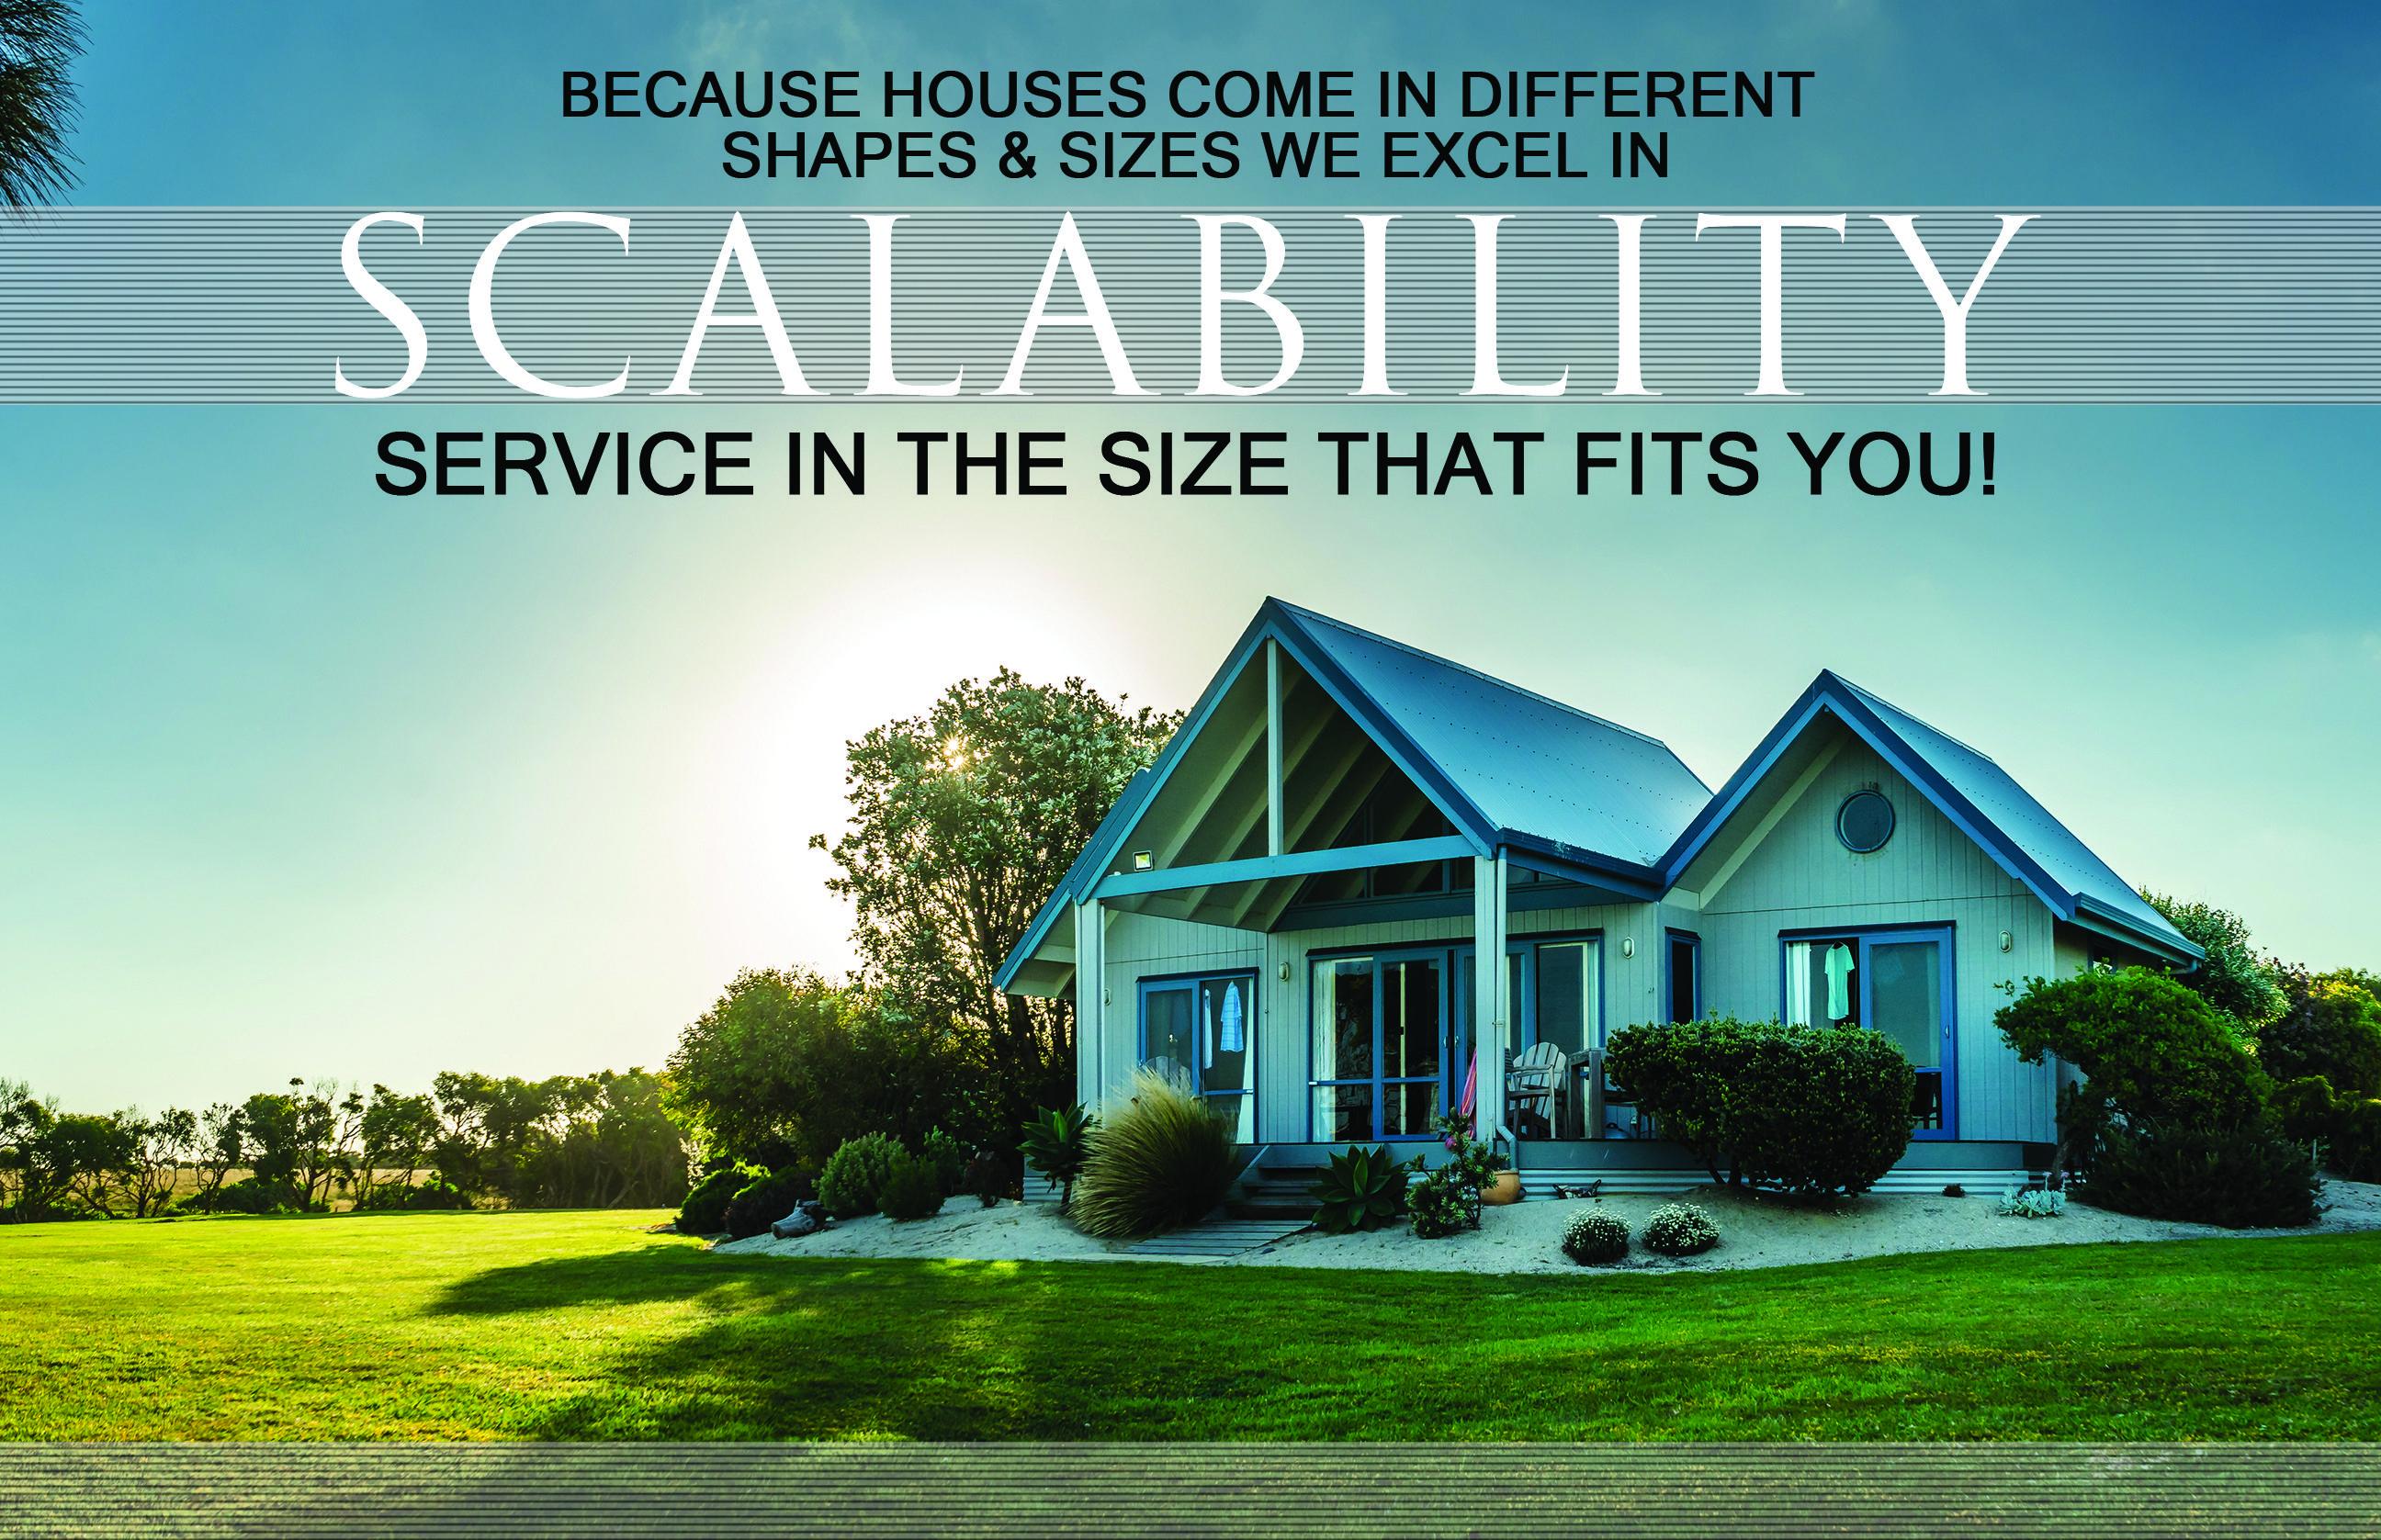 Real Estate Marketing Real Estate Social Media Ads Real Estate